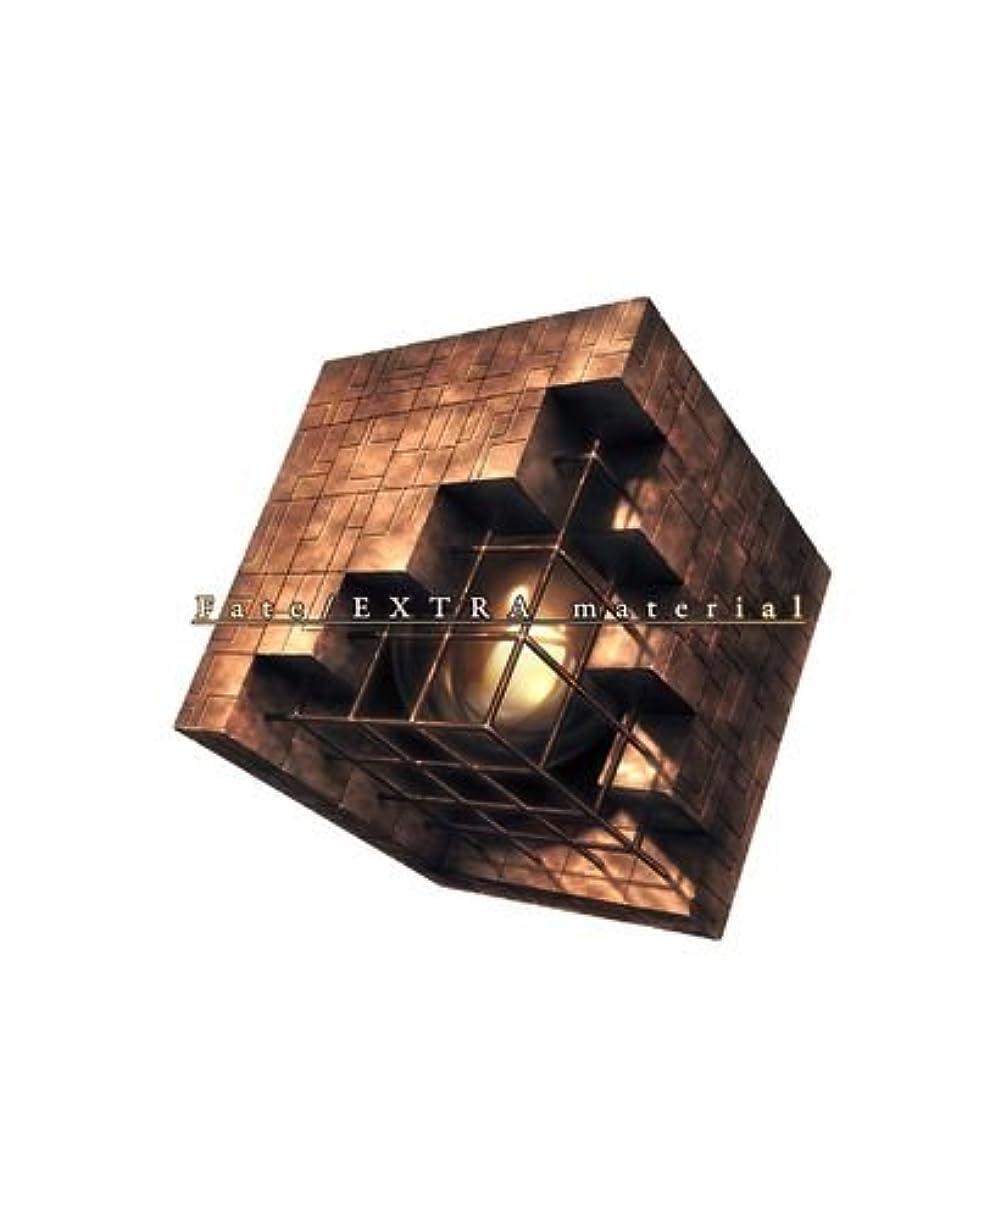 全能オデュッセウス砦Fate/EXTRA material 初回限定版【書籍】